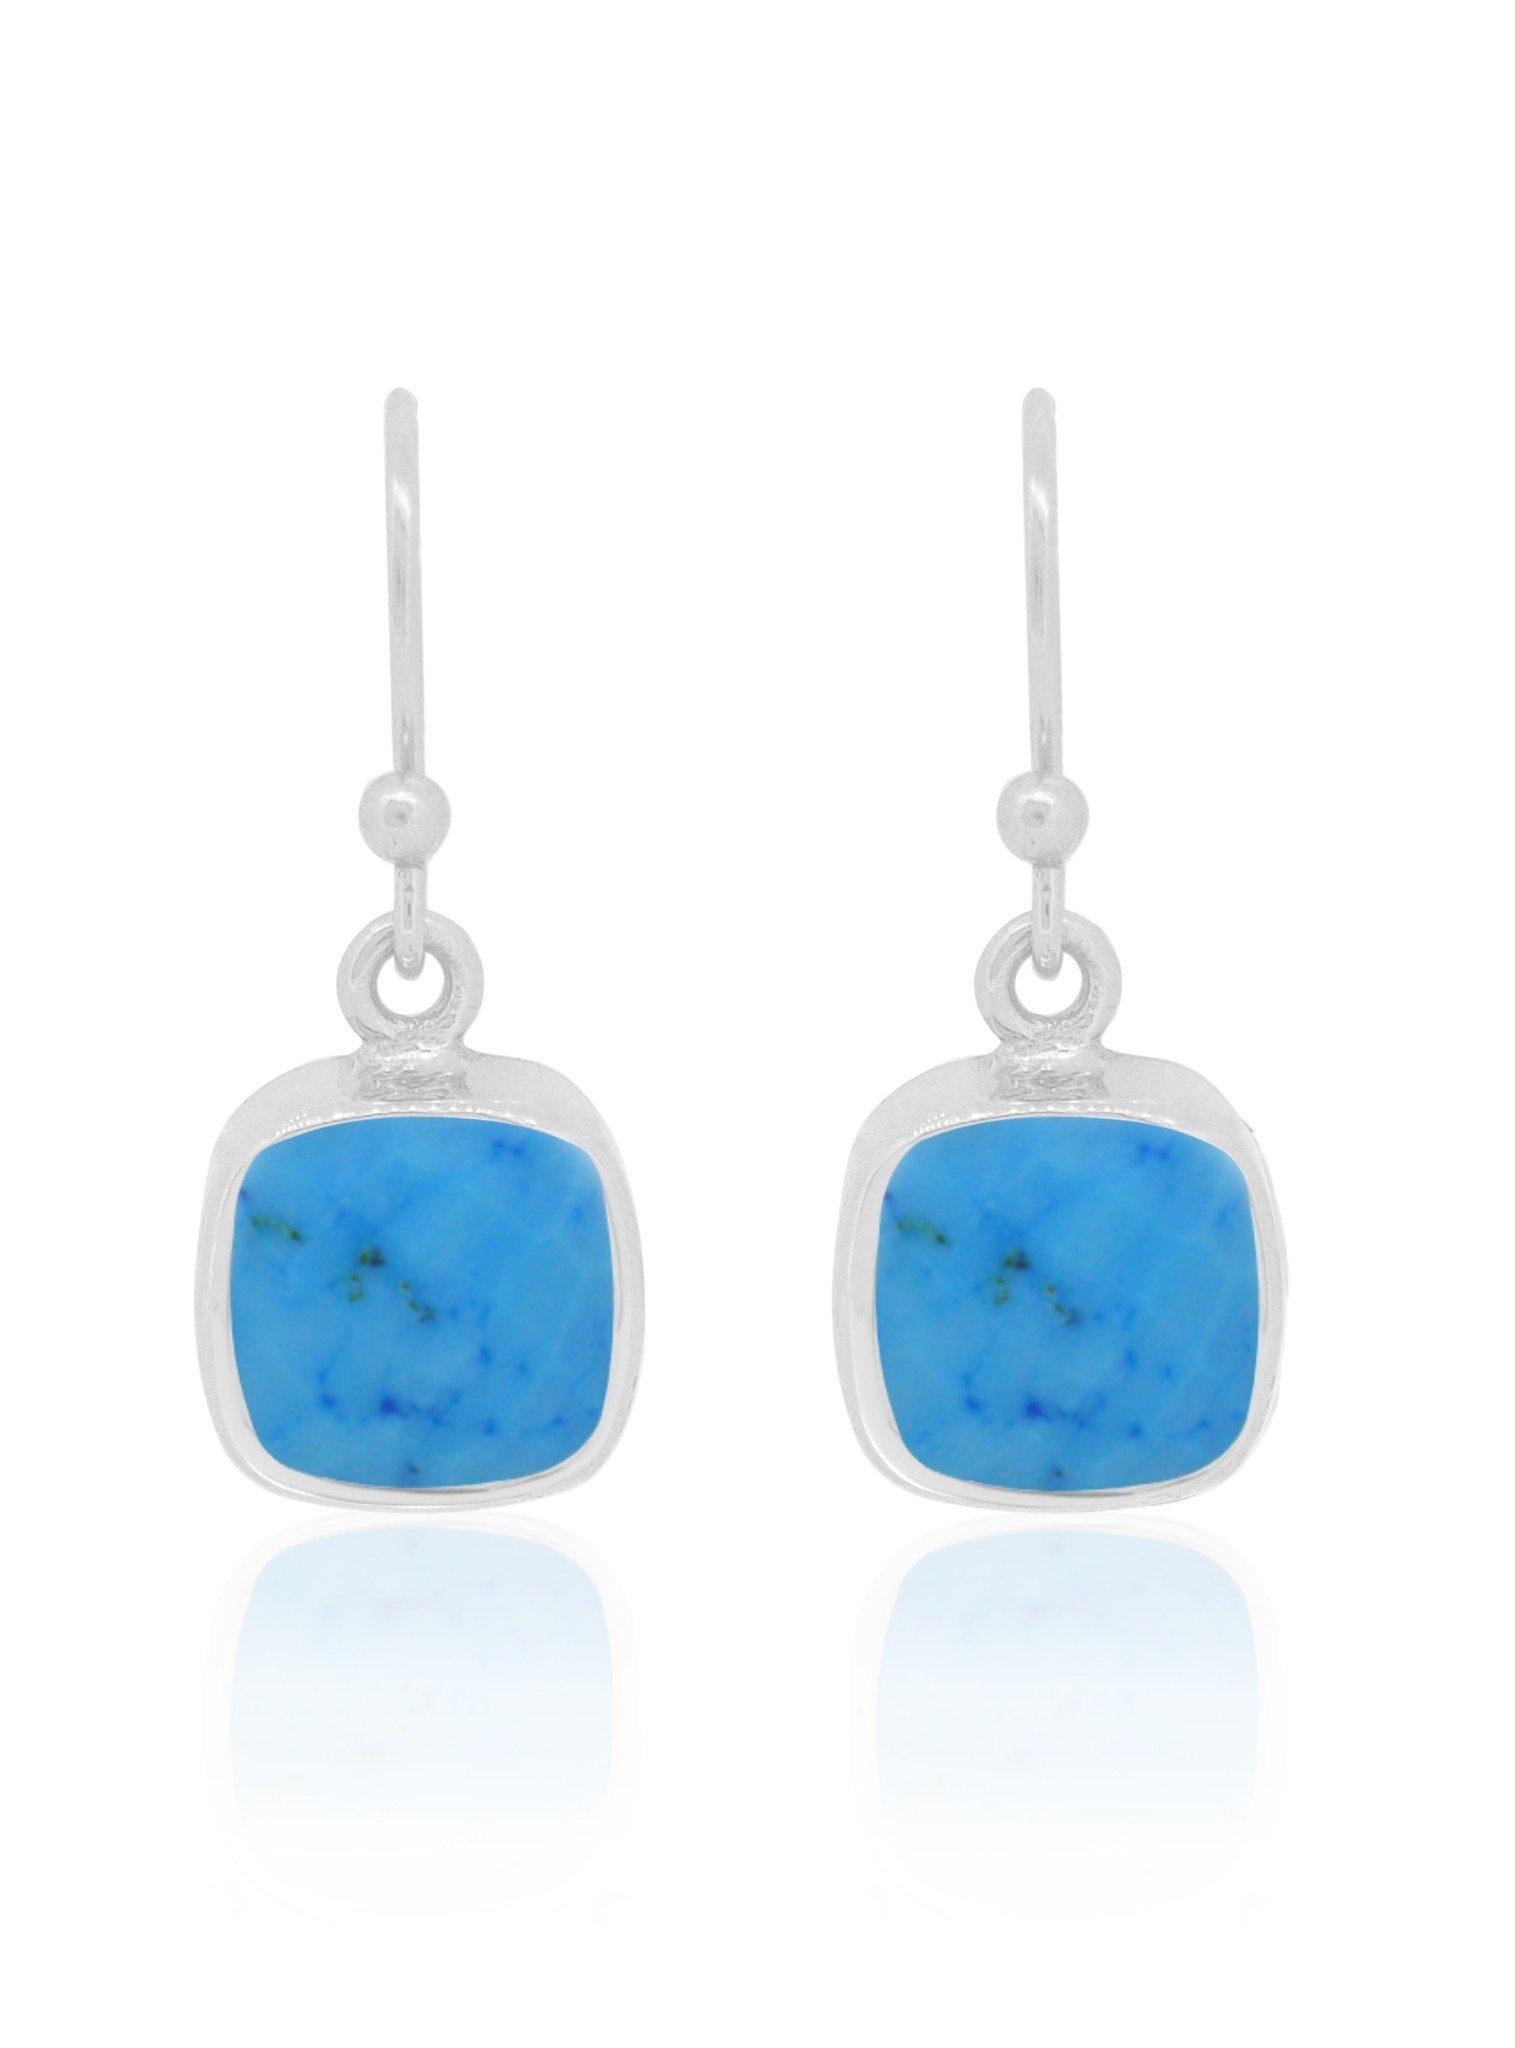 Indie Sleeping Beauty Turquoise Gemstone Earrings Silver